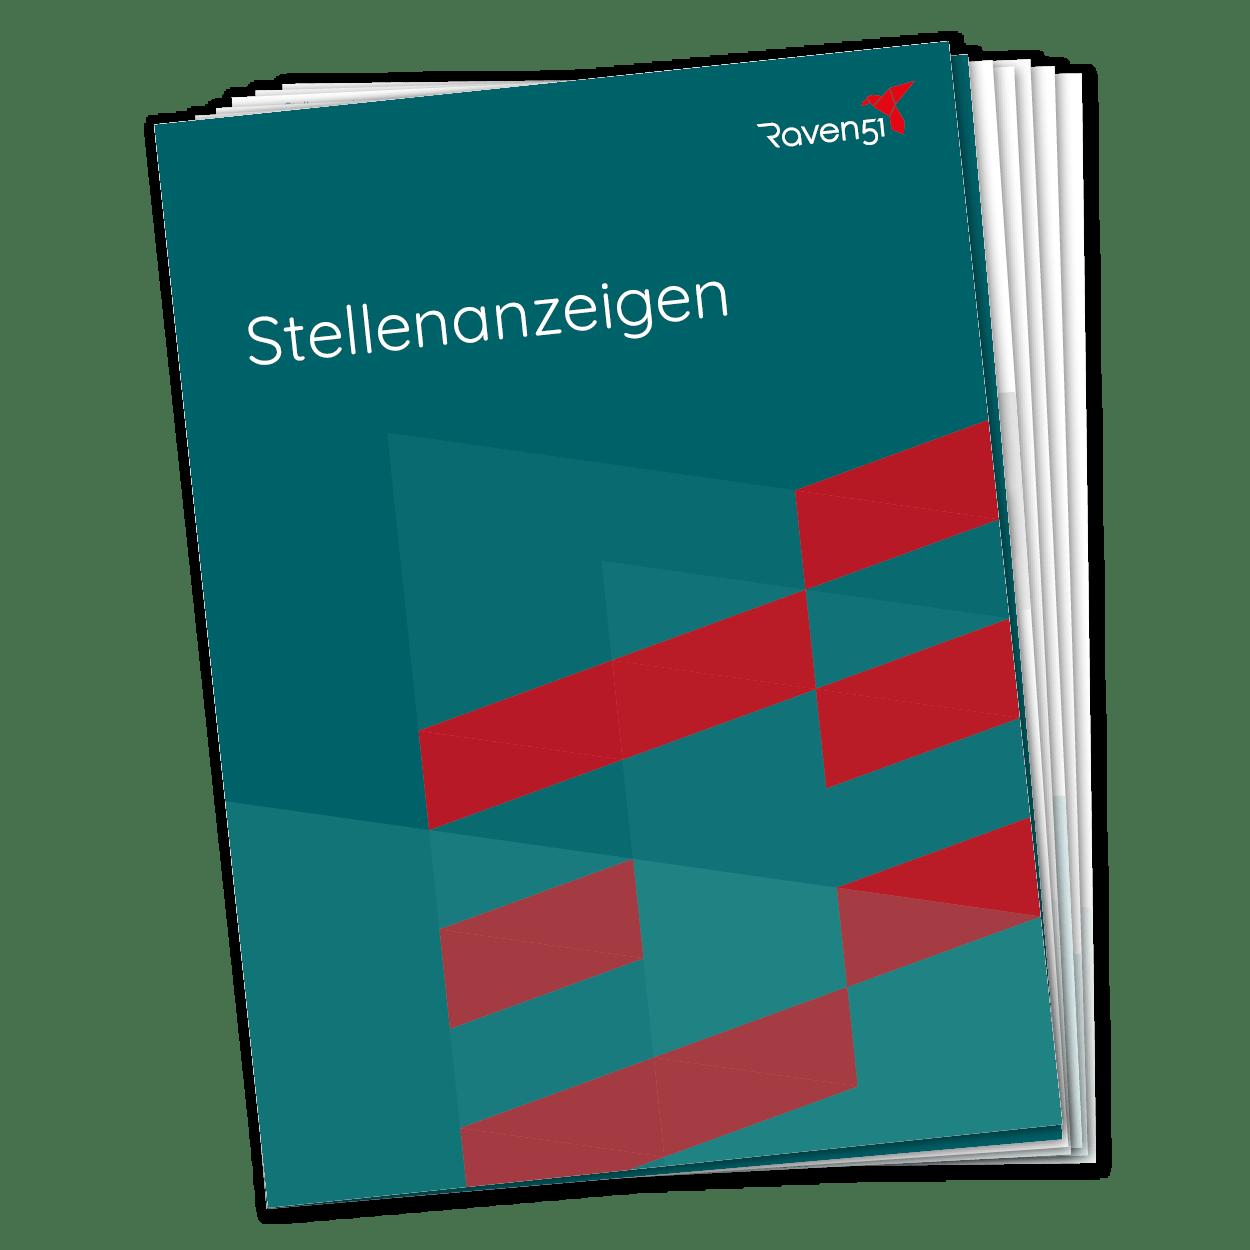 Raven51 - E-Book Stellenanzeigen-Alles was Sie wissen müssen 2020